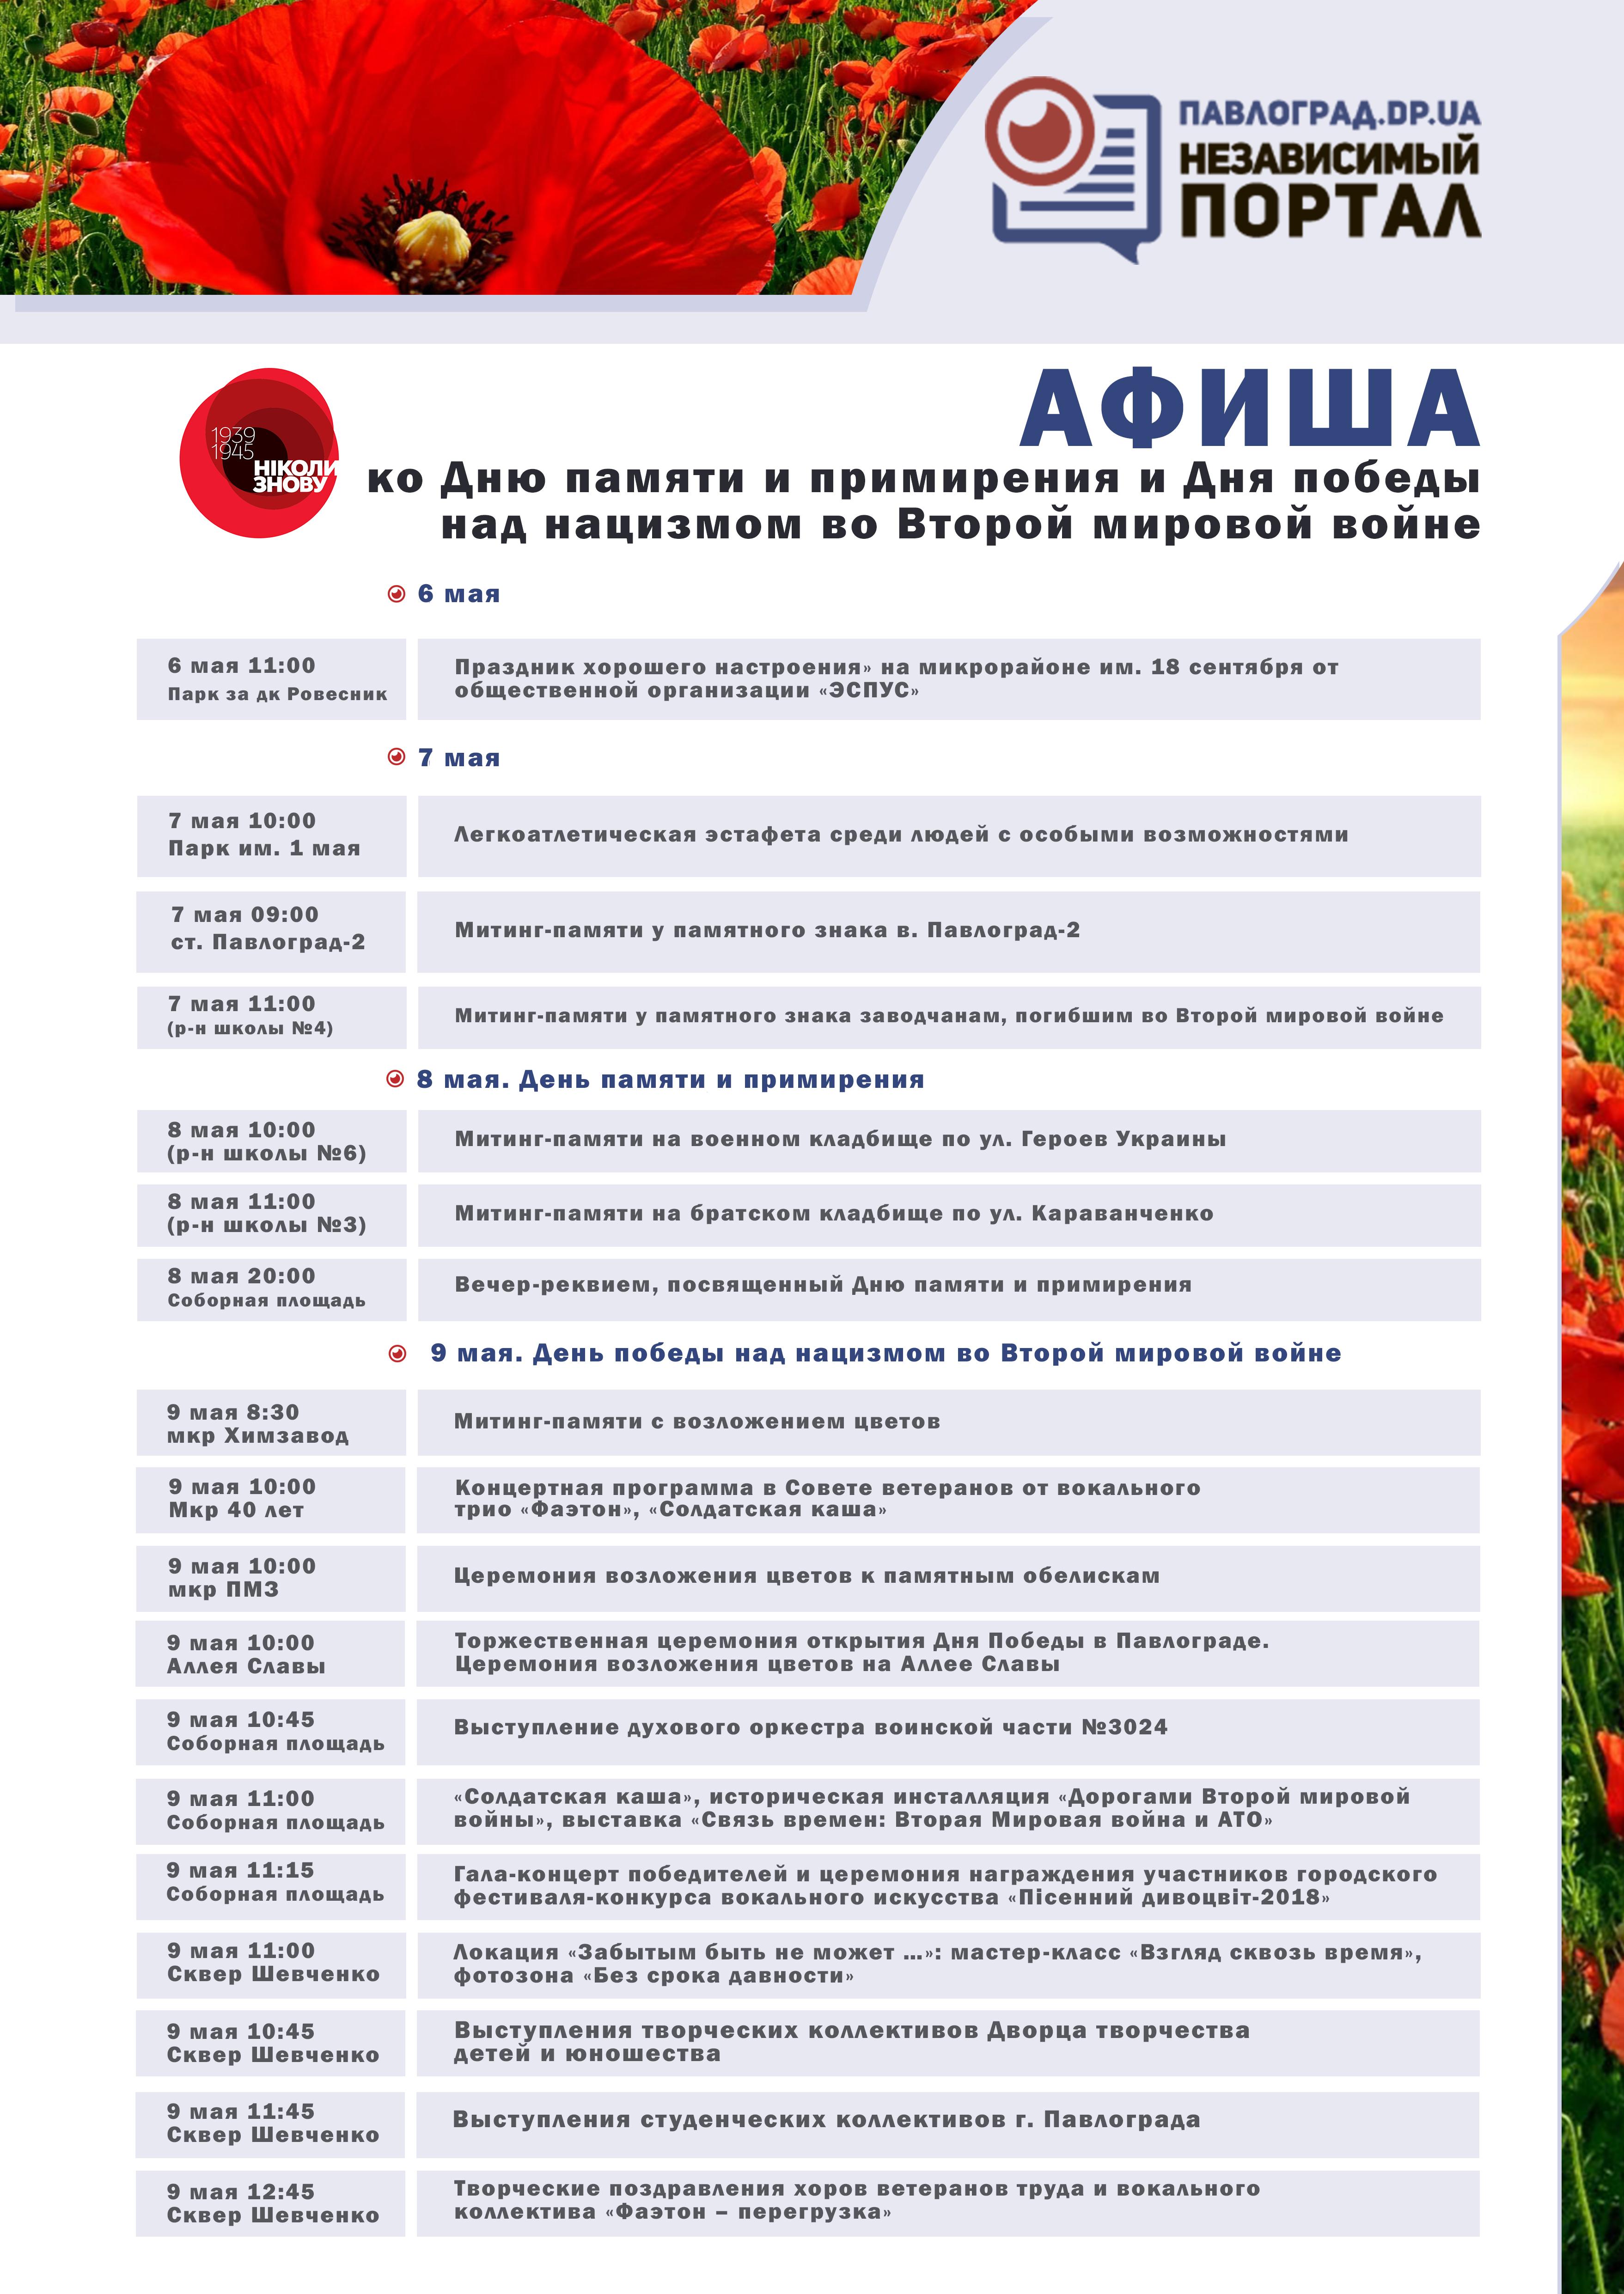 Афиша День победы